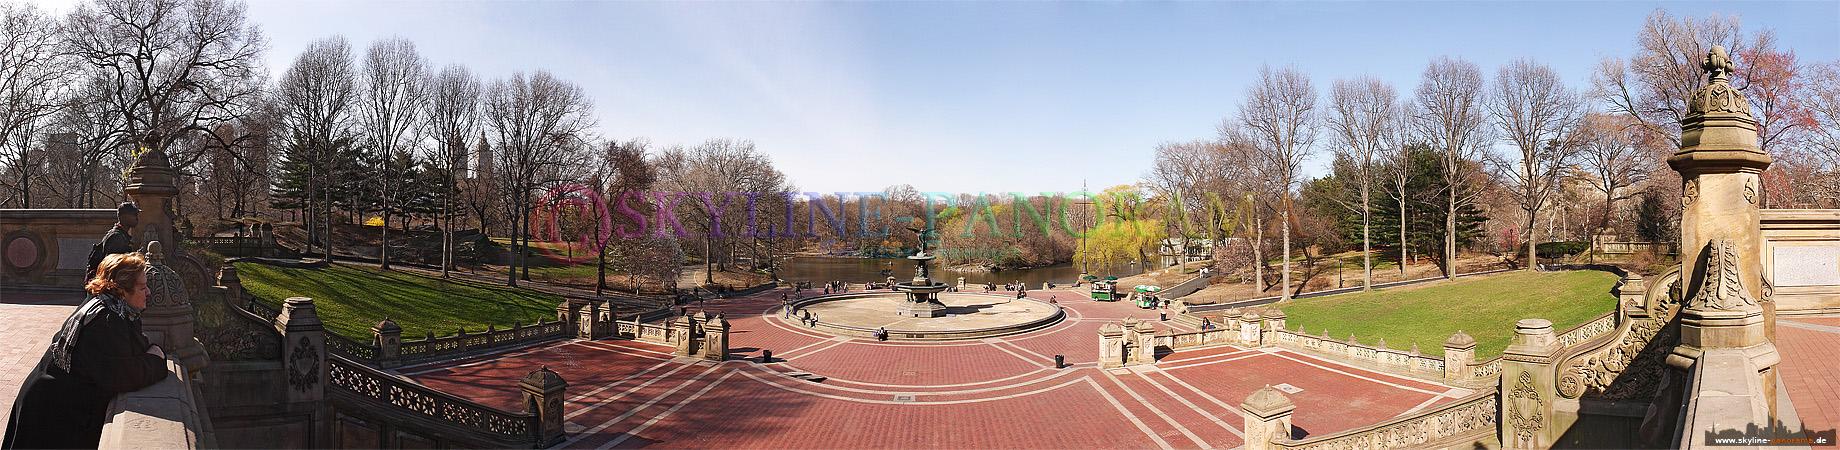 Die bekannte Bethesda Terrace ist das Zentum des Central Parks, in der Mitte der Terrasse befindet sich der als Angel of the Water bezeichnete Brunnen.